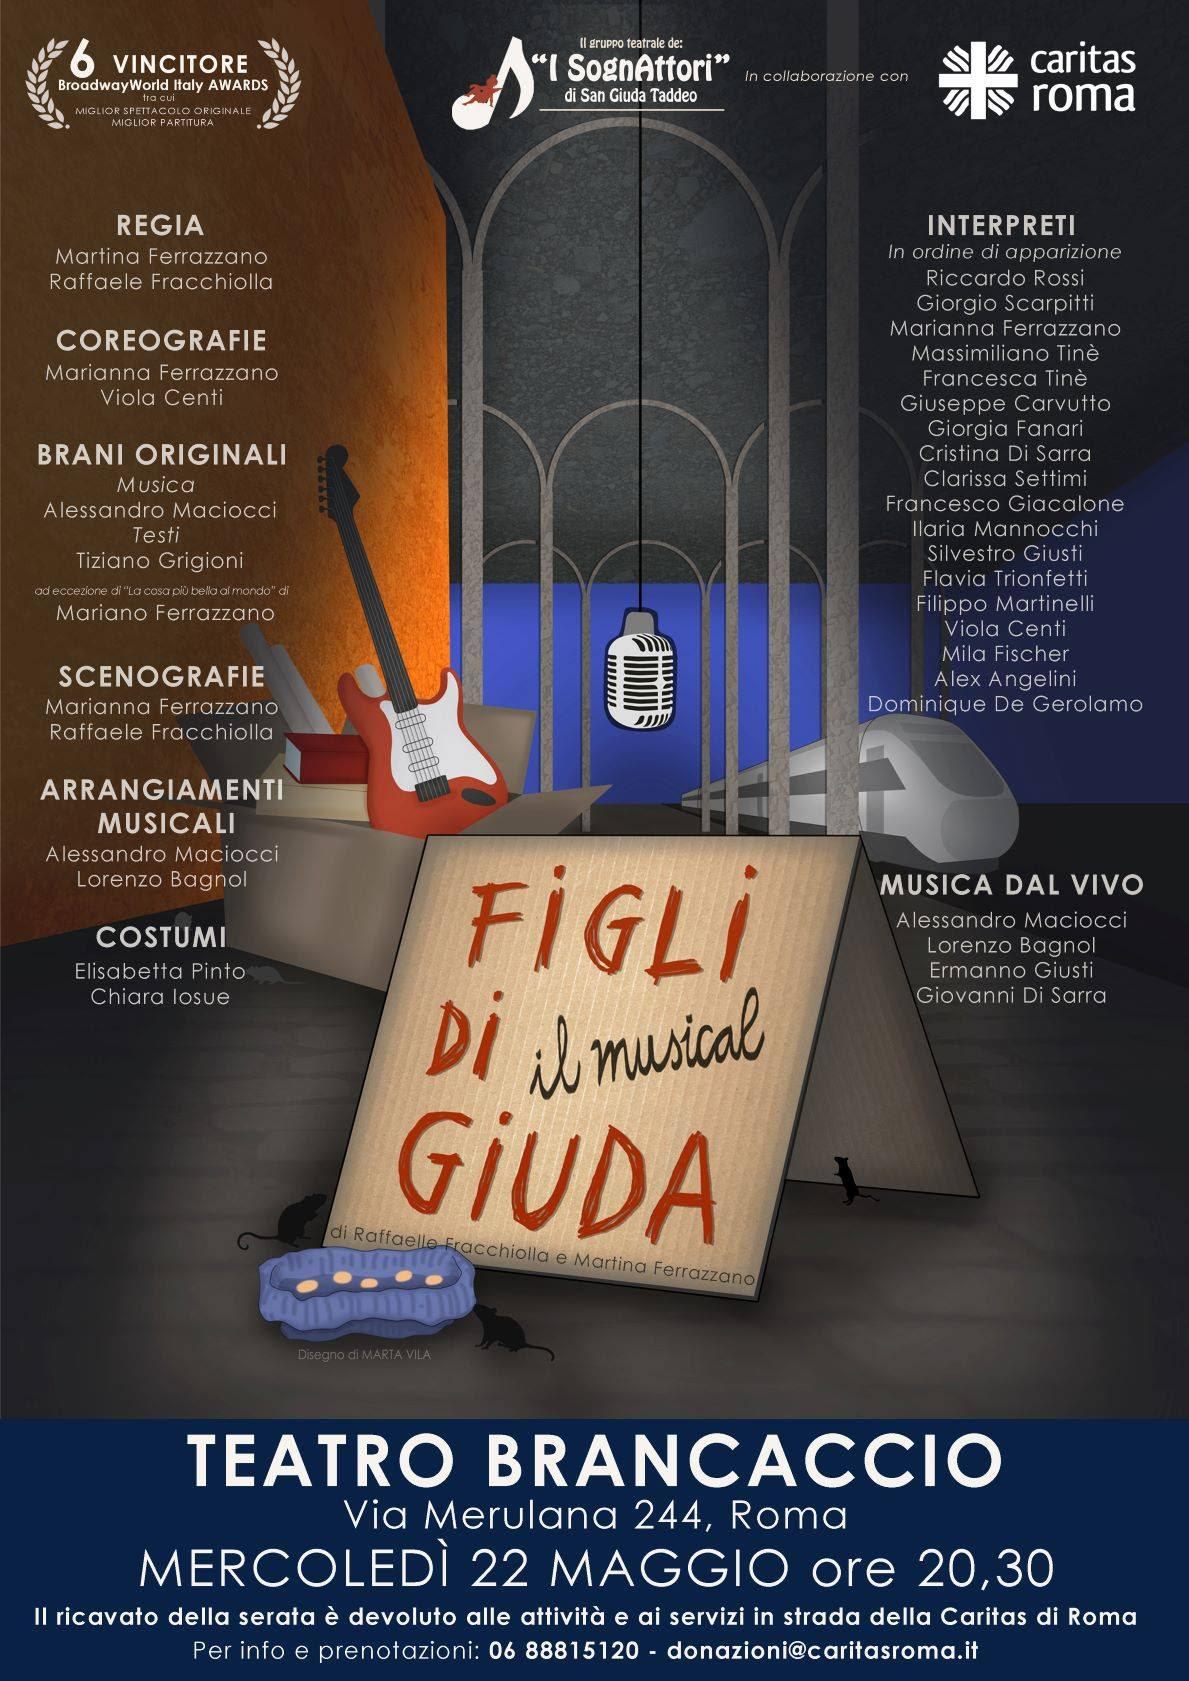 """La Caritas di Roma e i SognAttori in scena al Brancaccio il 22 maggio con il musical """"Figli di Giuda"""" dedicato agliinvisibili"""